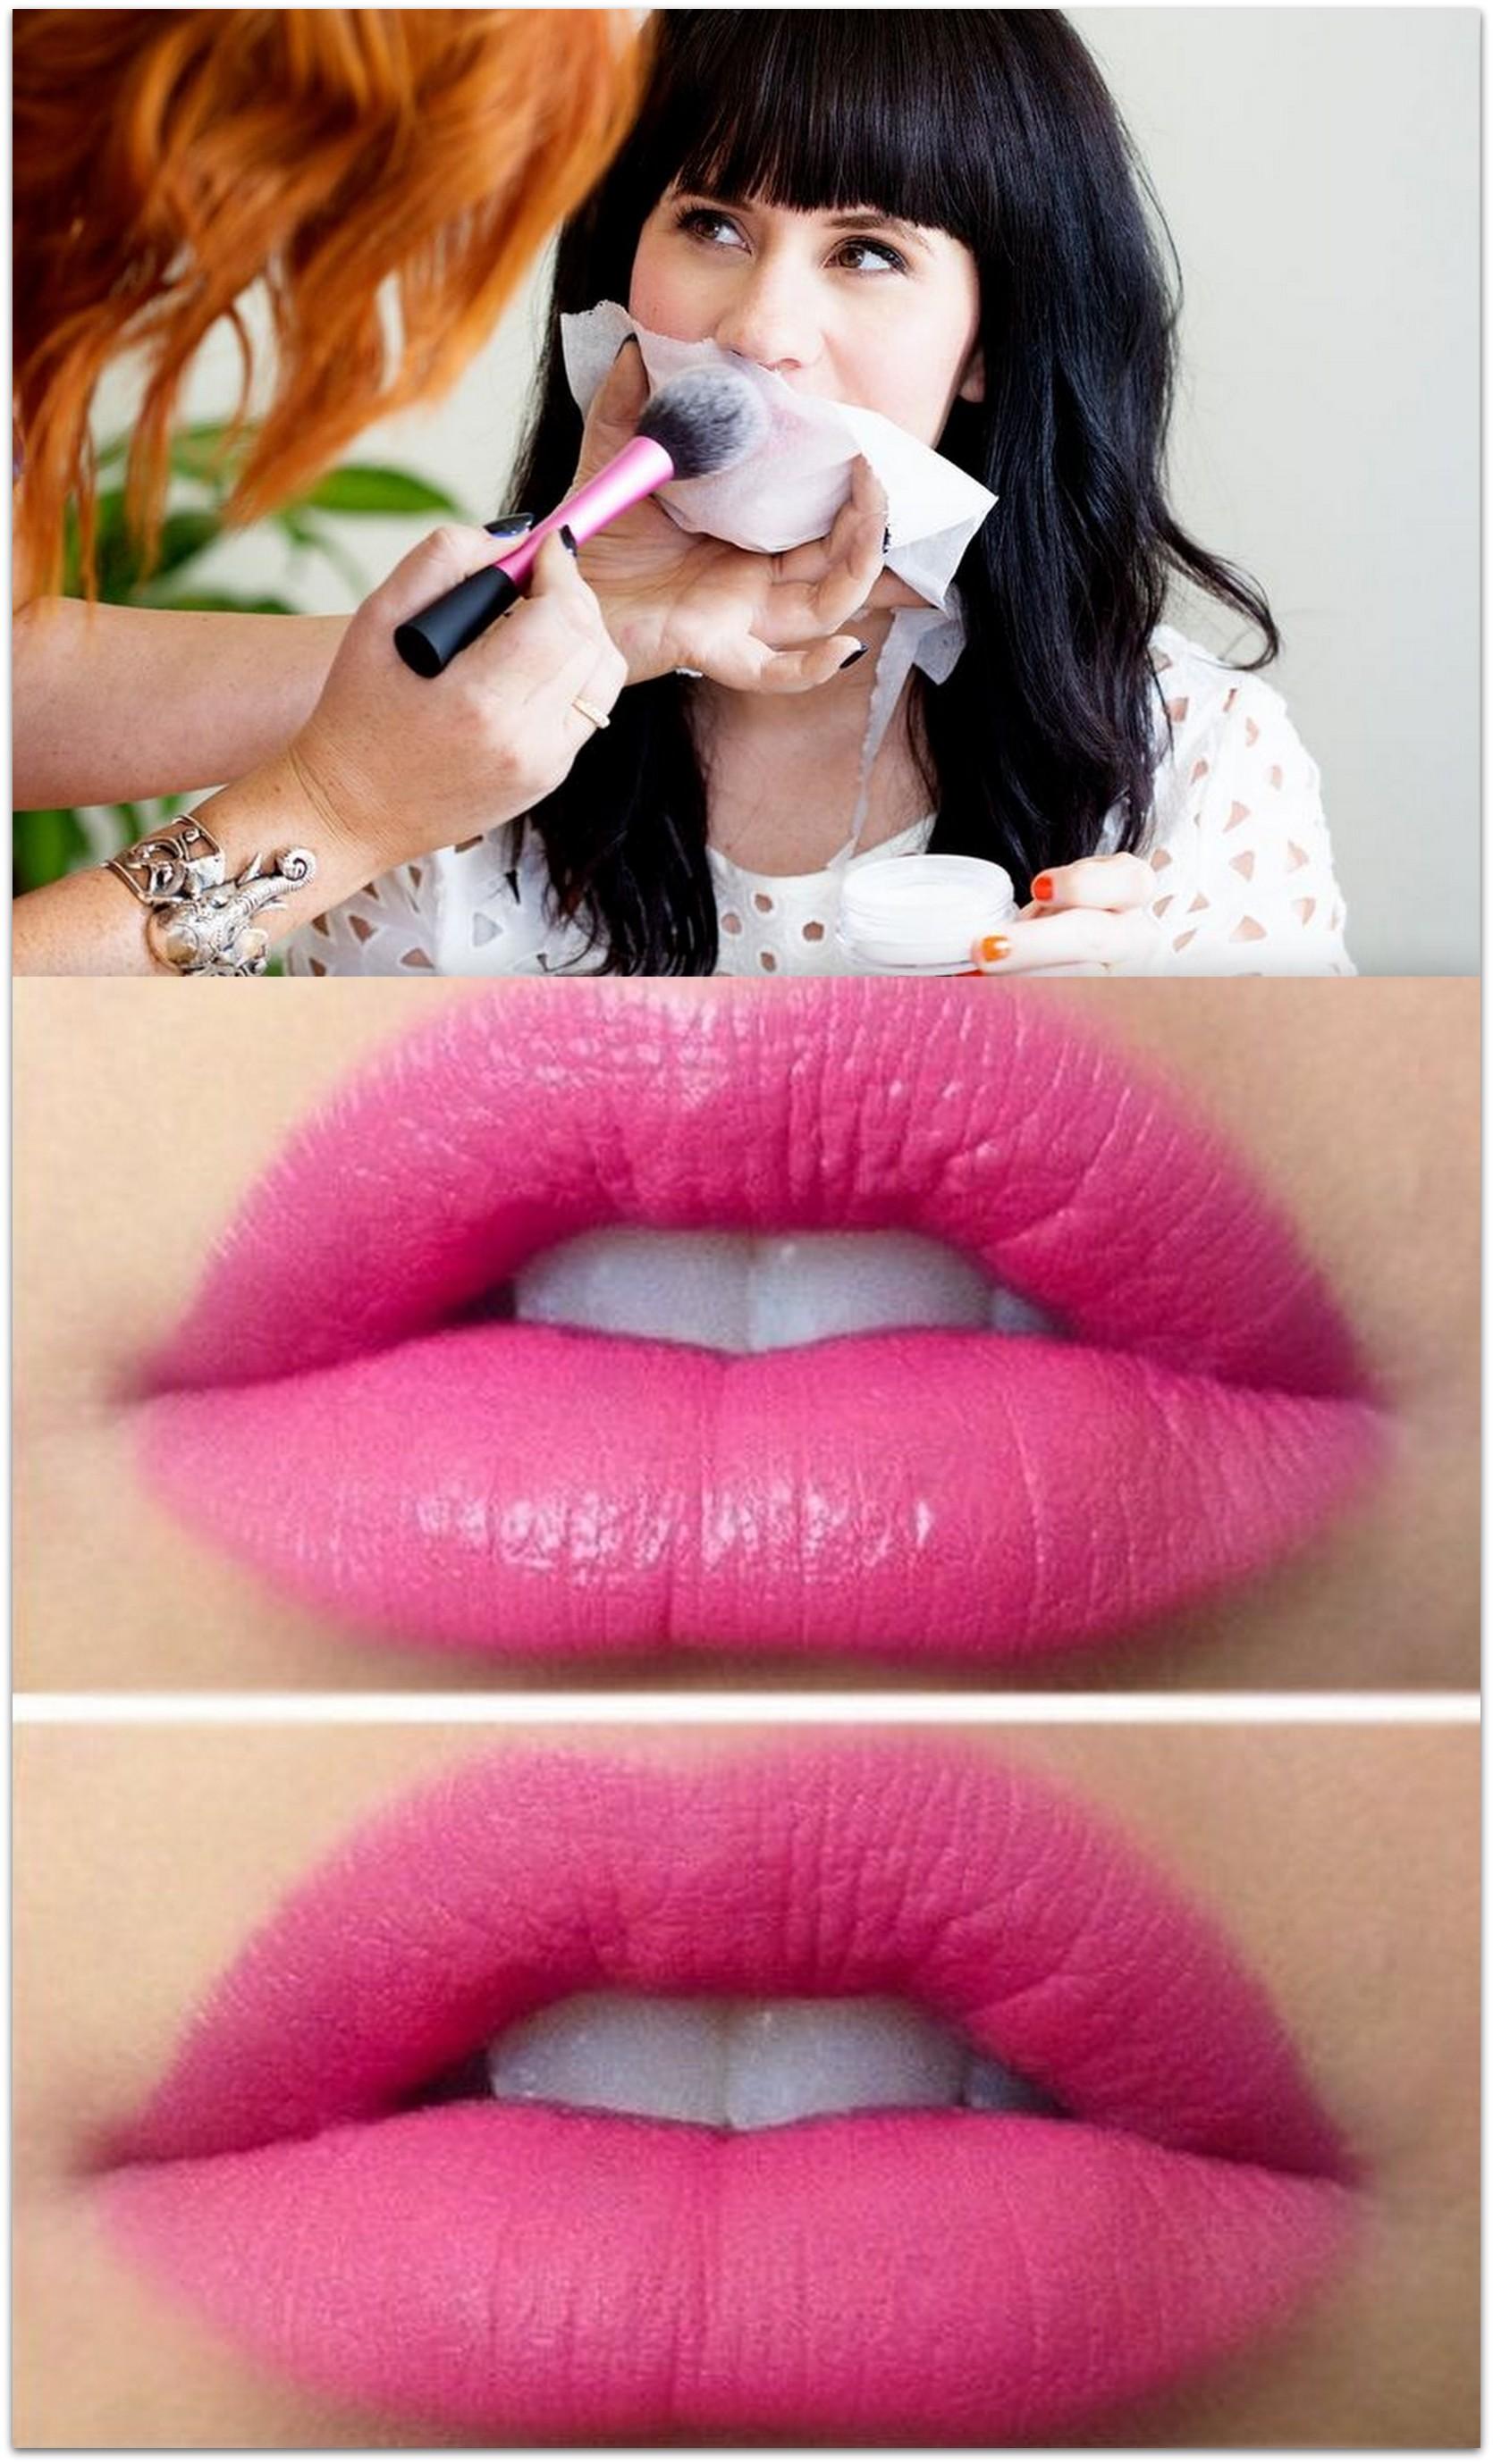 Mattify lipstick